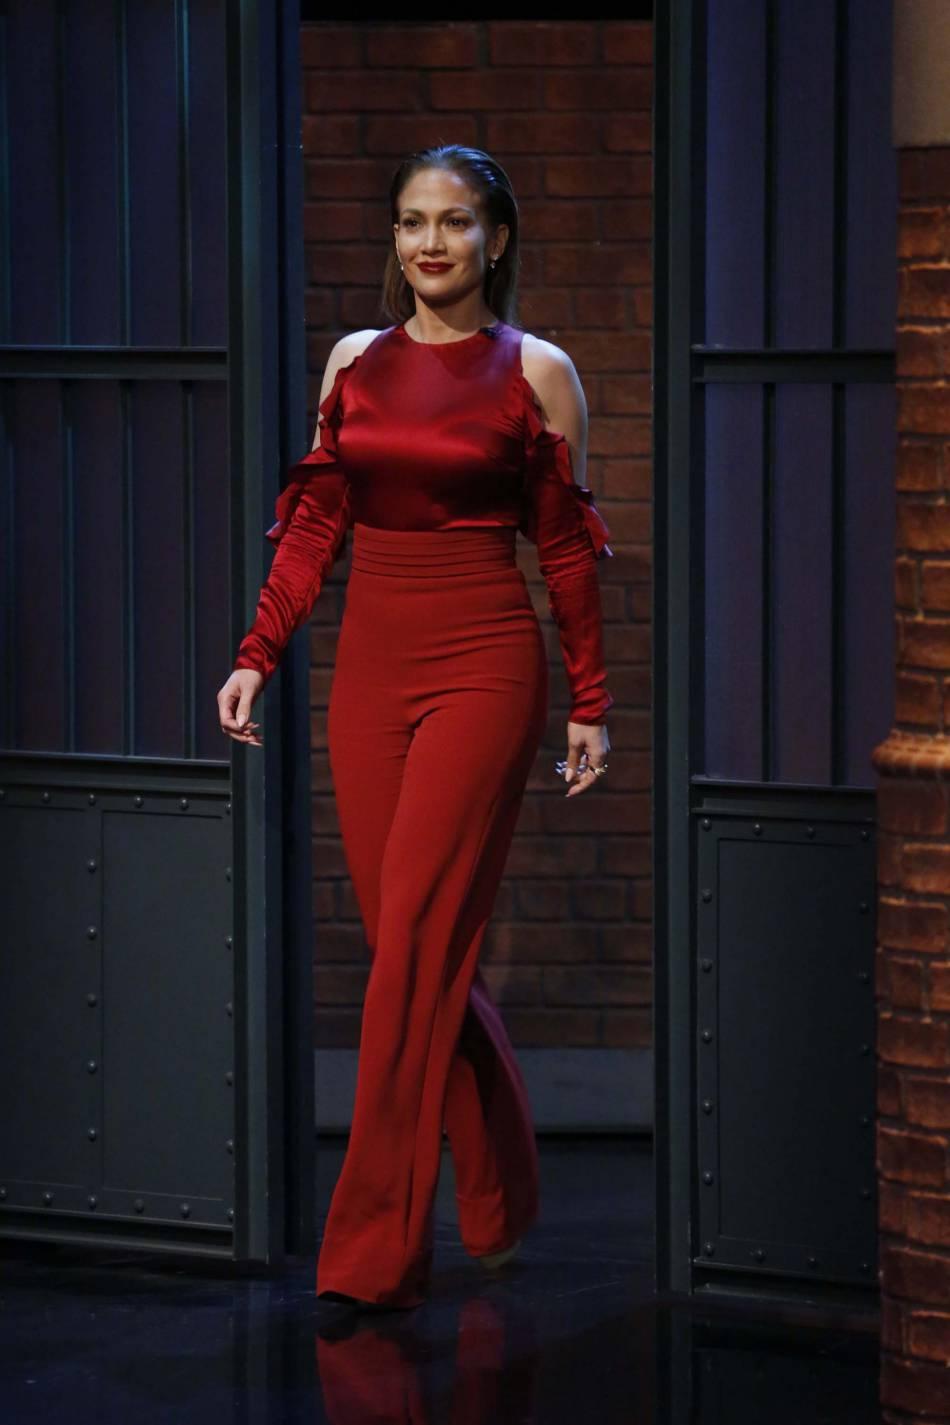 Jennifer Lopez incendiaire dans son ensemble rubis.